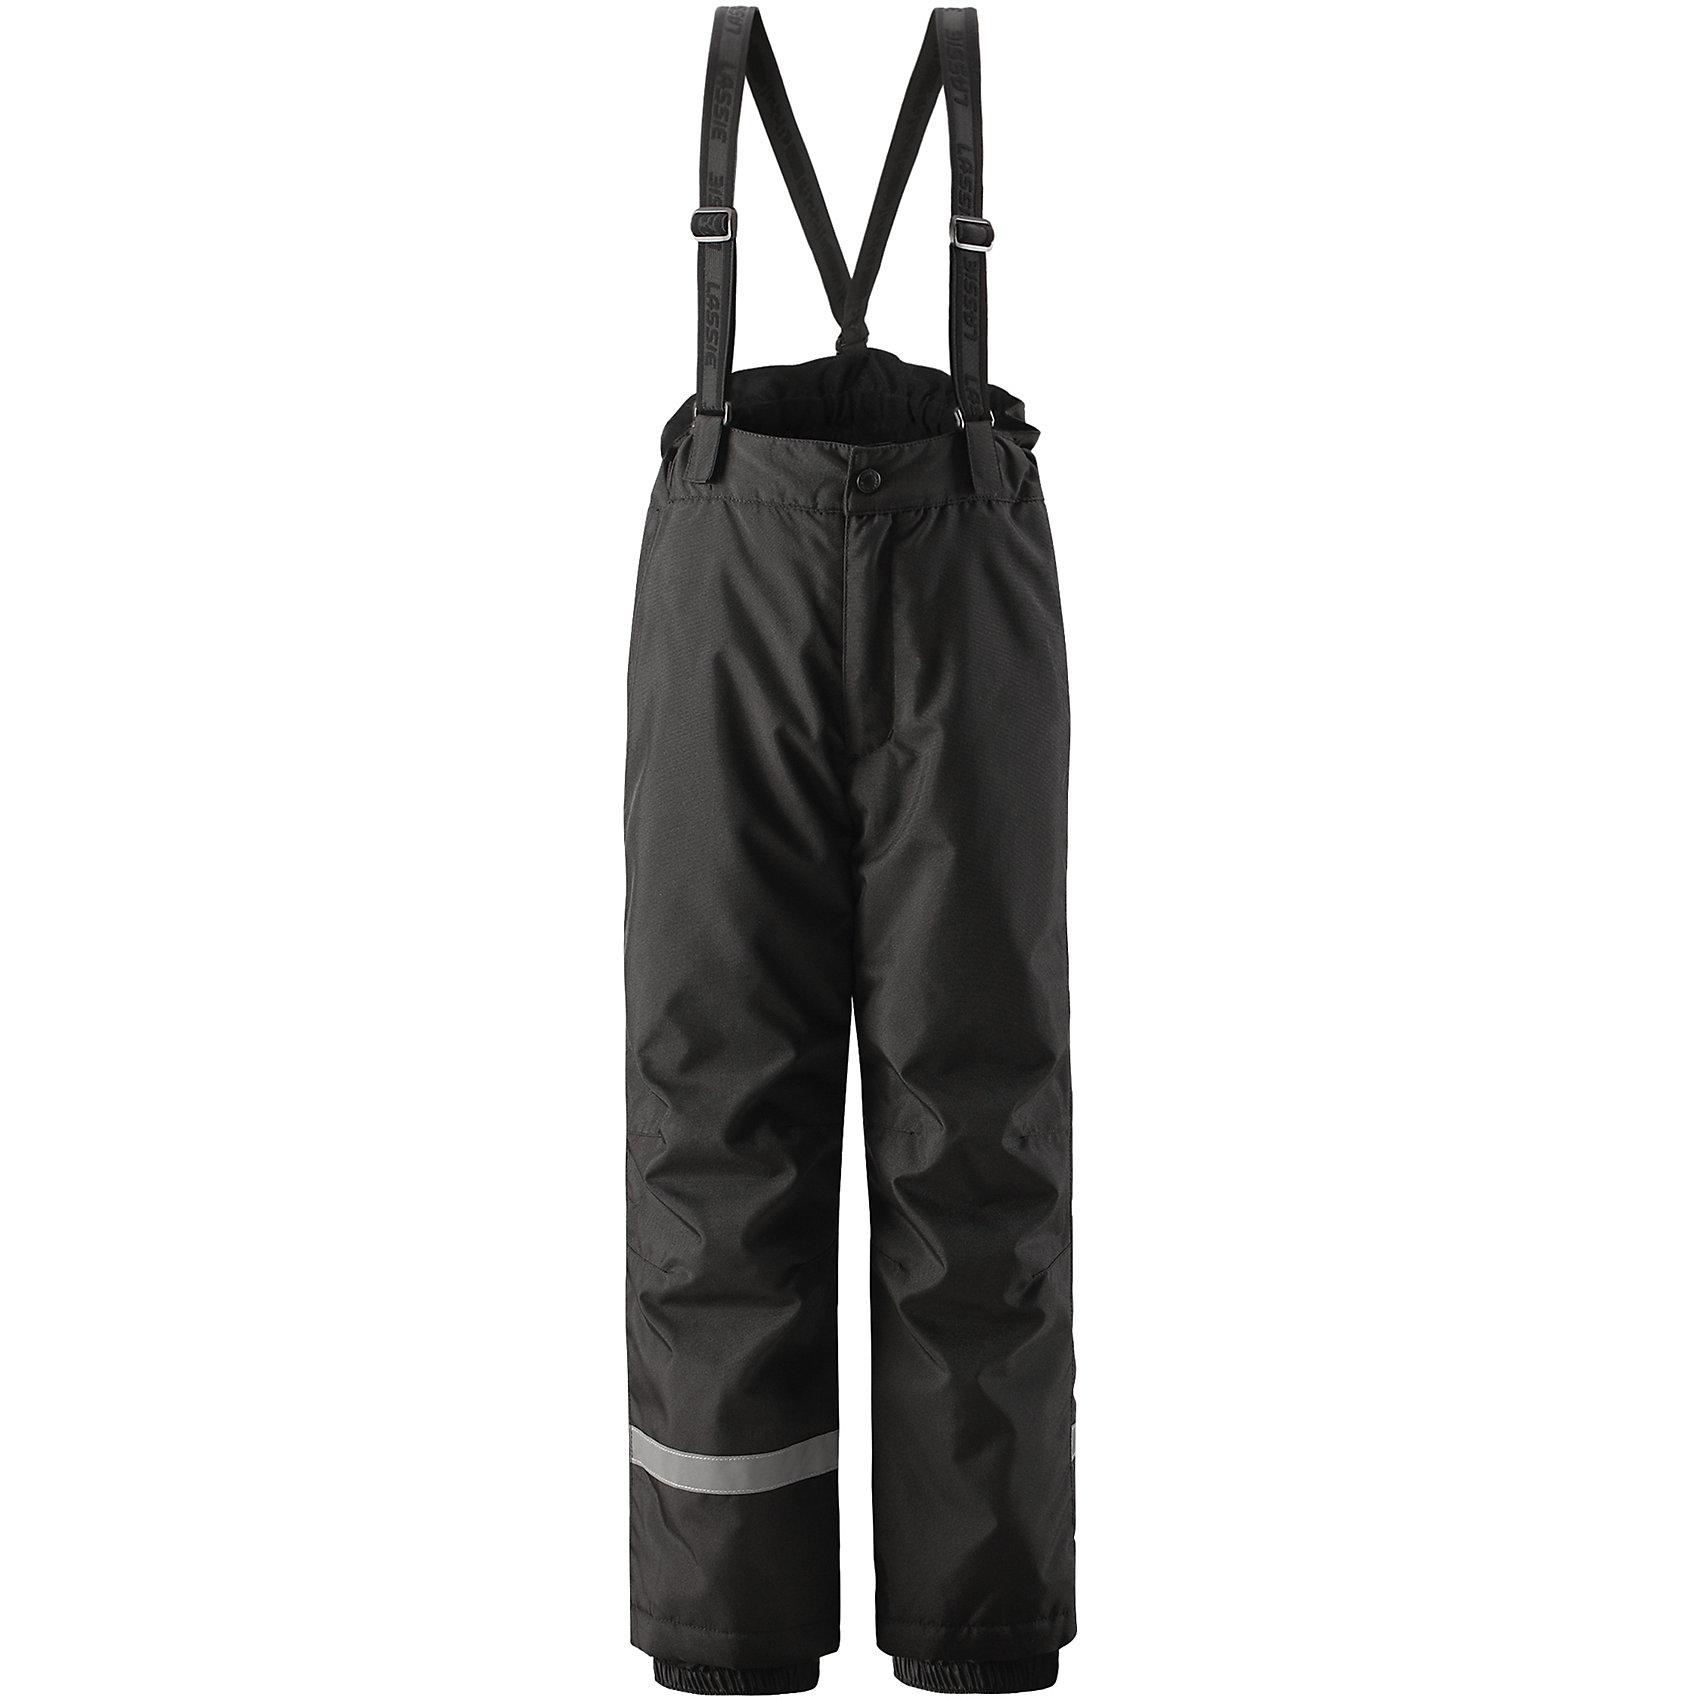 Брюки LassieОдежда<br>Эти очень практичные детские зимние брюки идеально подходят для активных игр на свежем воздухе! Они снабжены защитой от снега на концах брючин, так что ножкам будет тепло и сухо. Задний средний шов проклеен, водонепроницаем. Удобная молния спереди облегчает надевание, а регулируемые подтяжки позволяют откорректировать брюки идеально по размеру. Свободный крой.<br>Состав:<br>100% Полиэстер<br><br>Ширина мм: 215<br>Глубина мм: 88<br>Высота мм: 191<br>Вес г: 336<br>Цвет: черный<br>Возраст от месяцев: 108<br>Возраст до месяцев: 120<br>Пол: Унисекс<br>Возраст: Детский<br>Размер: 140,92,98,104,110,116,122,128,134<br>SKU: 6927741